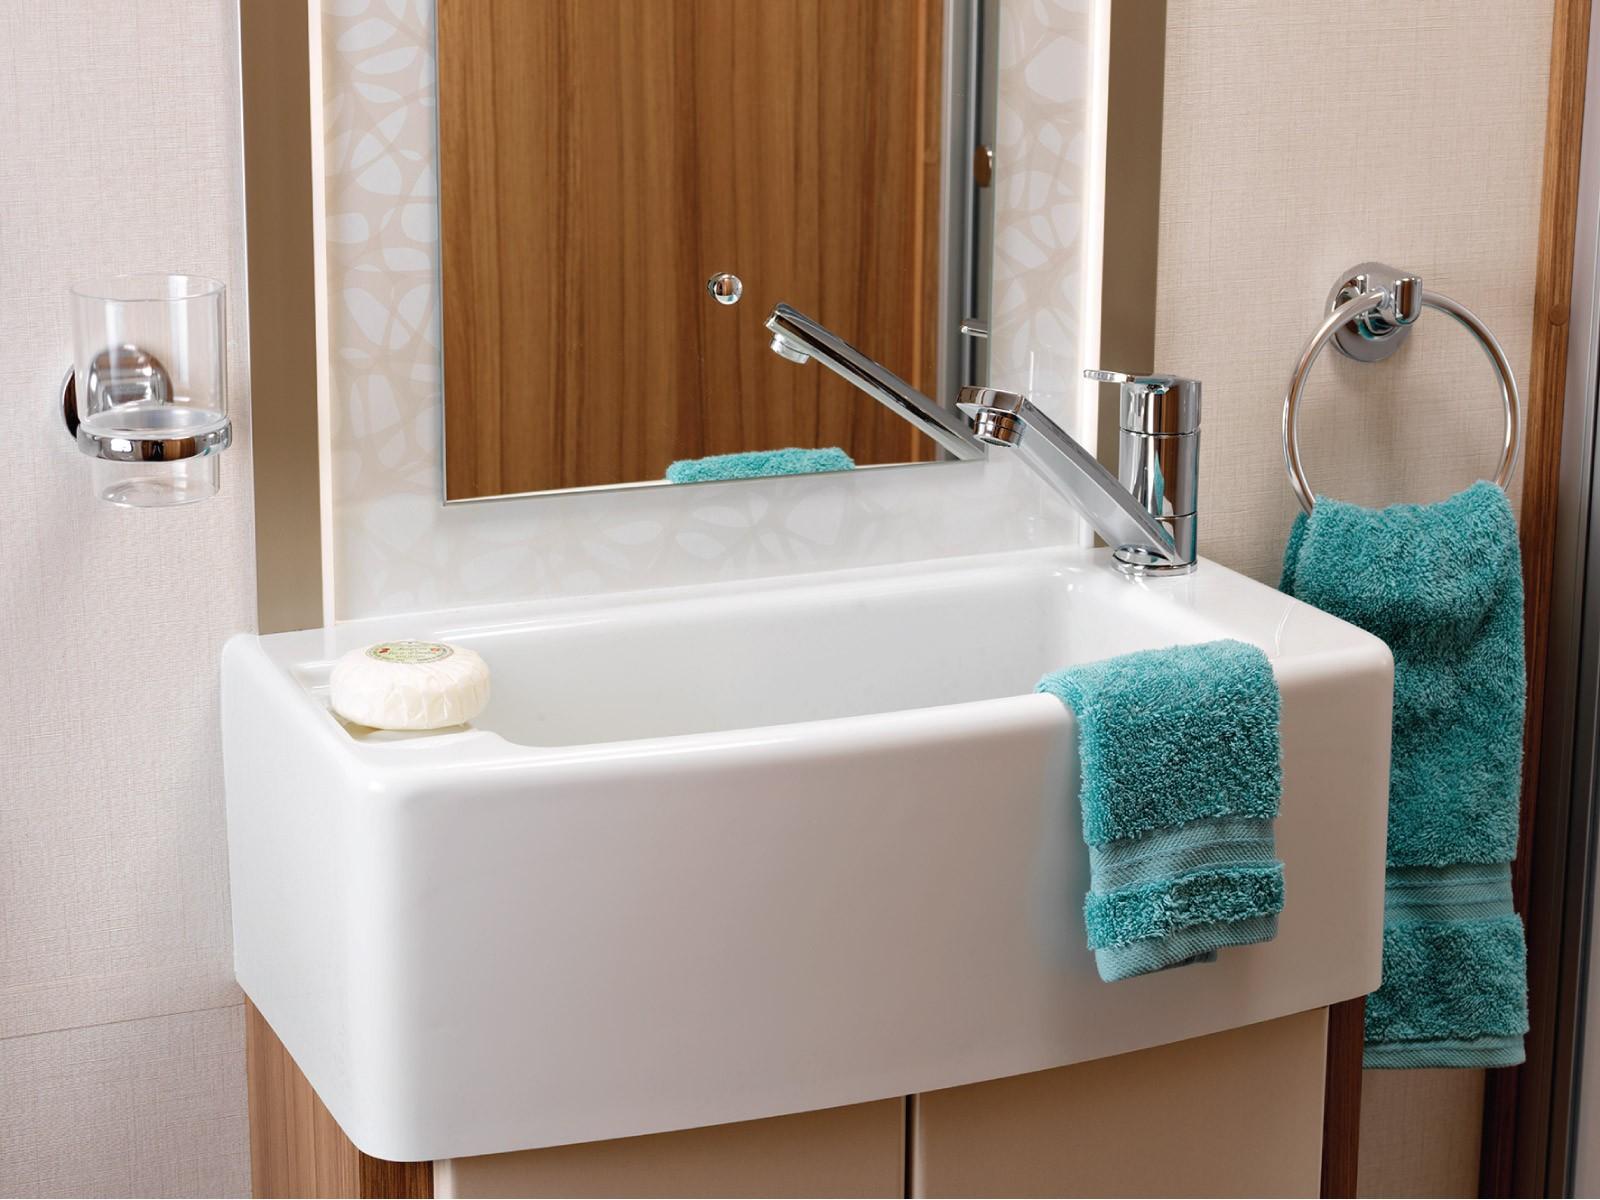 Lunar Caravans Internal Washroom Sink Image